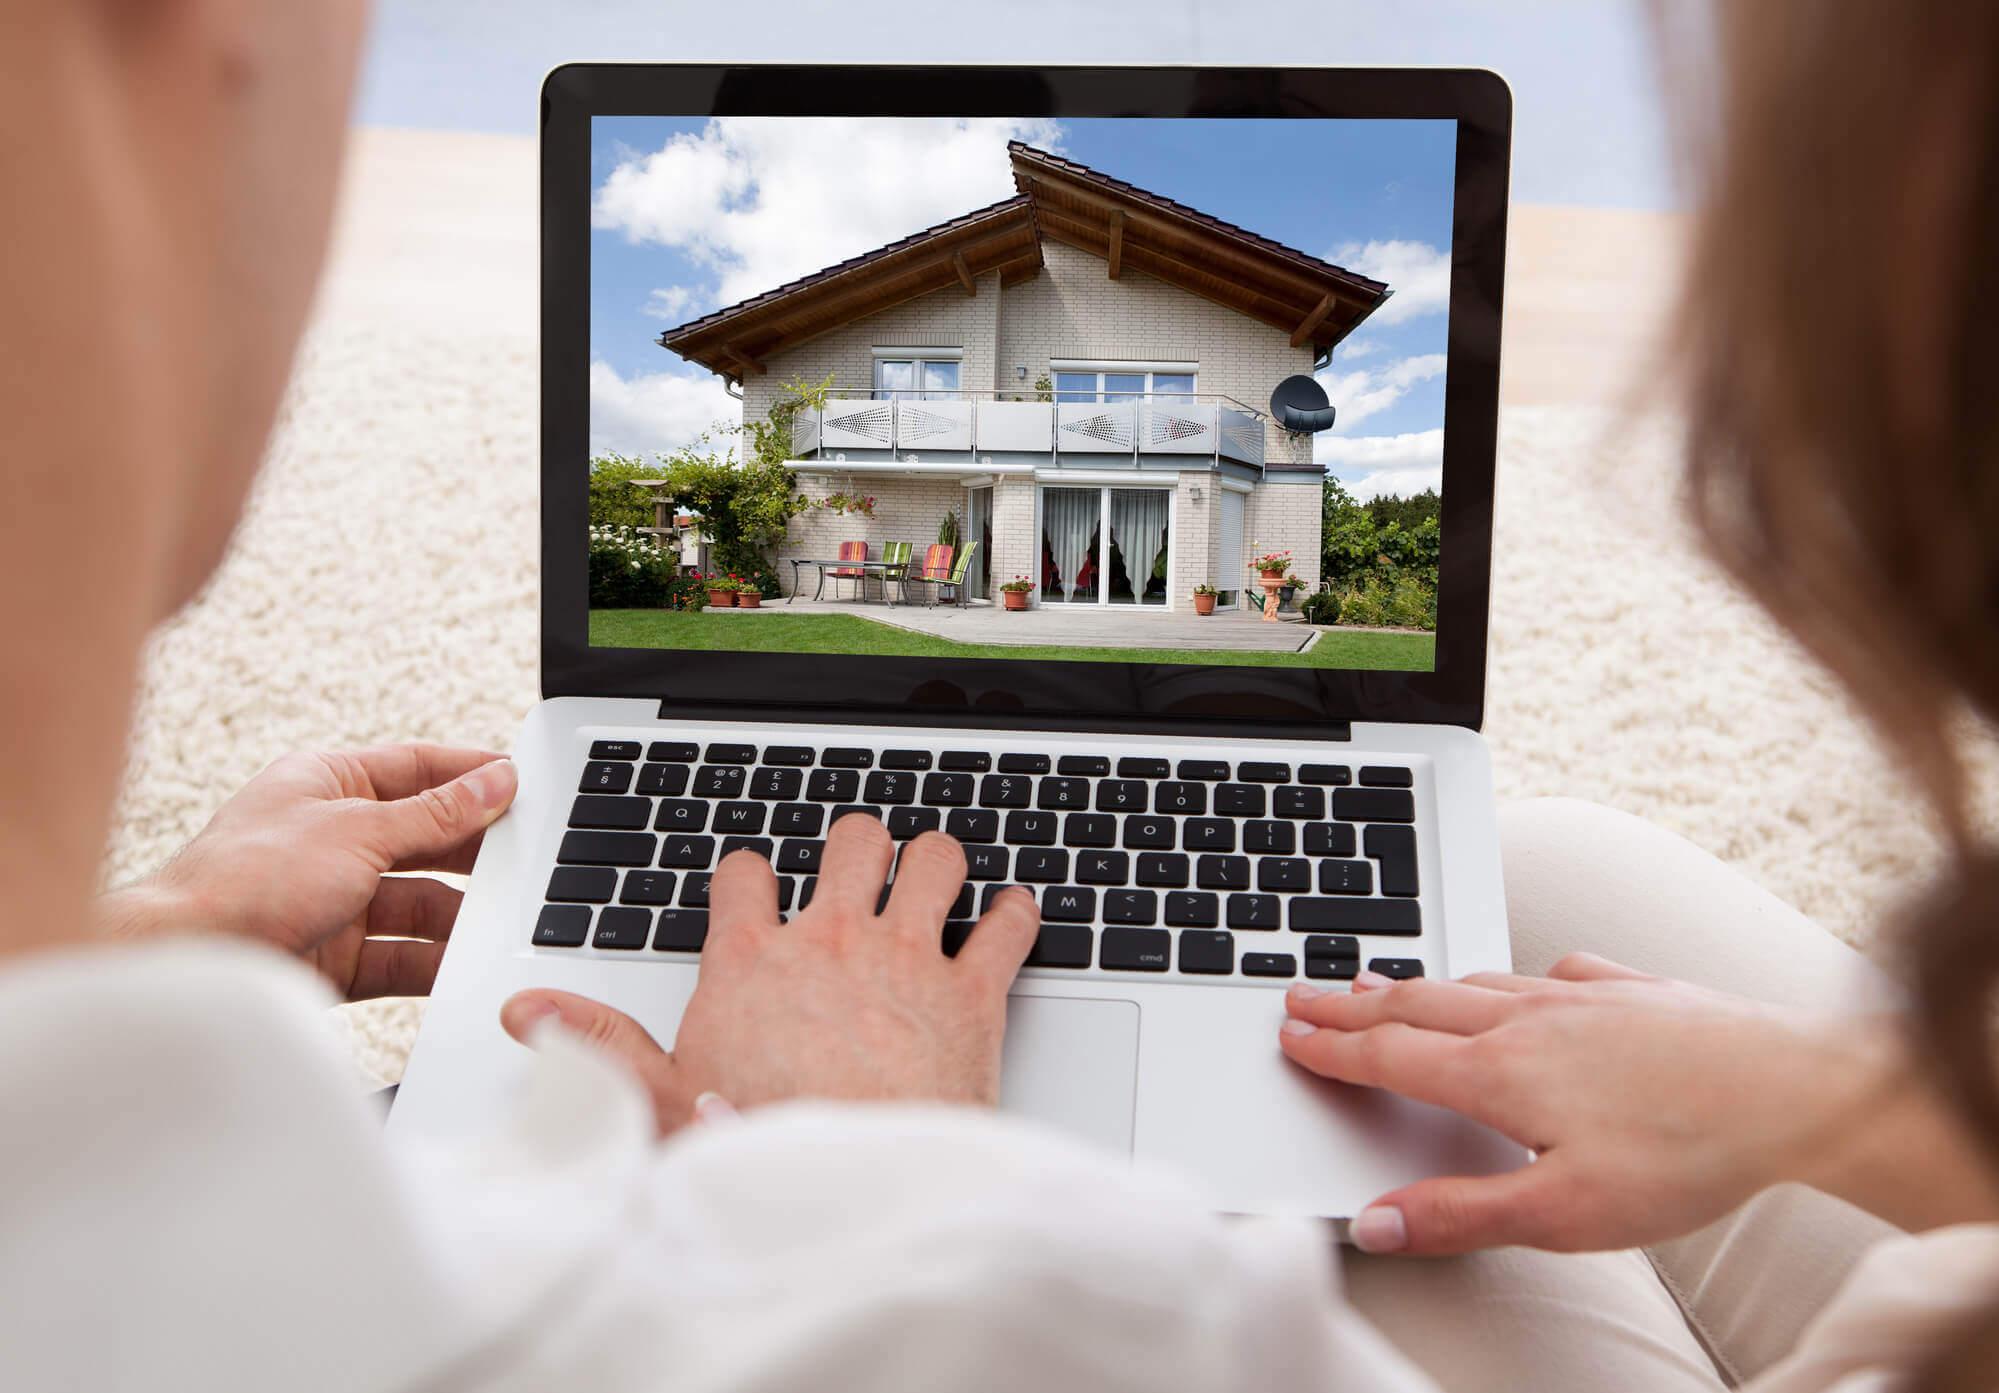 Casal com notebook aberto olhando a foto de uma casa de dois andares com um gramado à frente na tela do computador